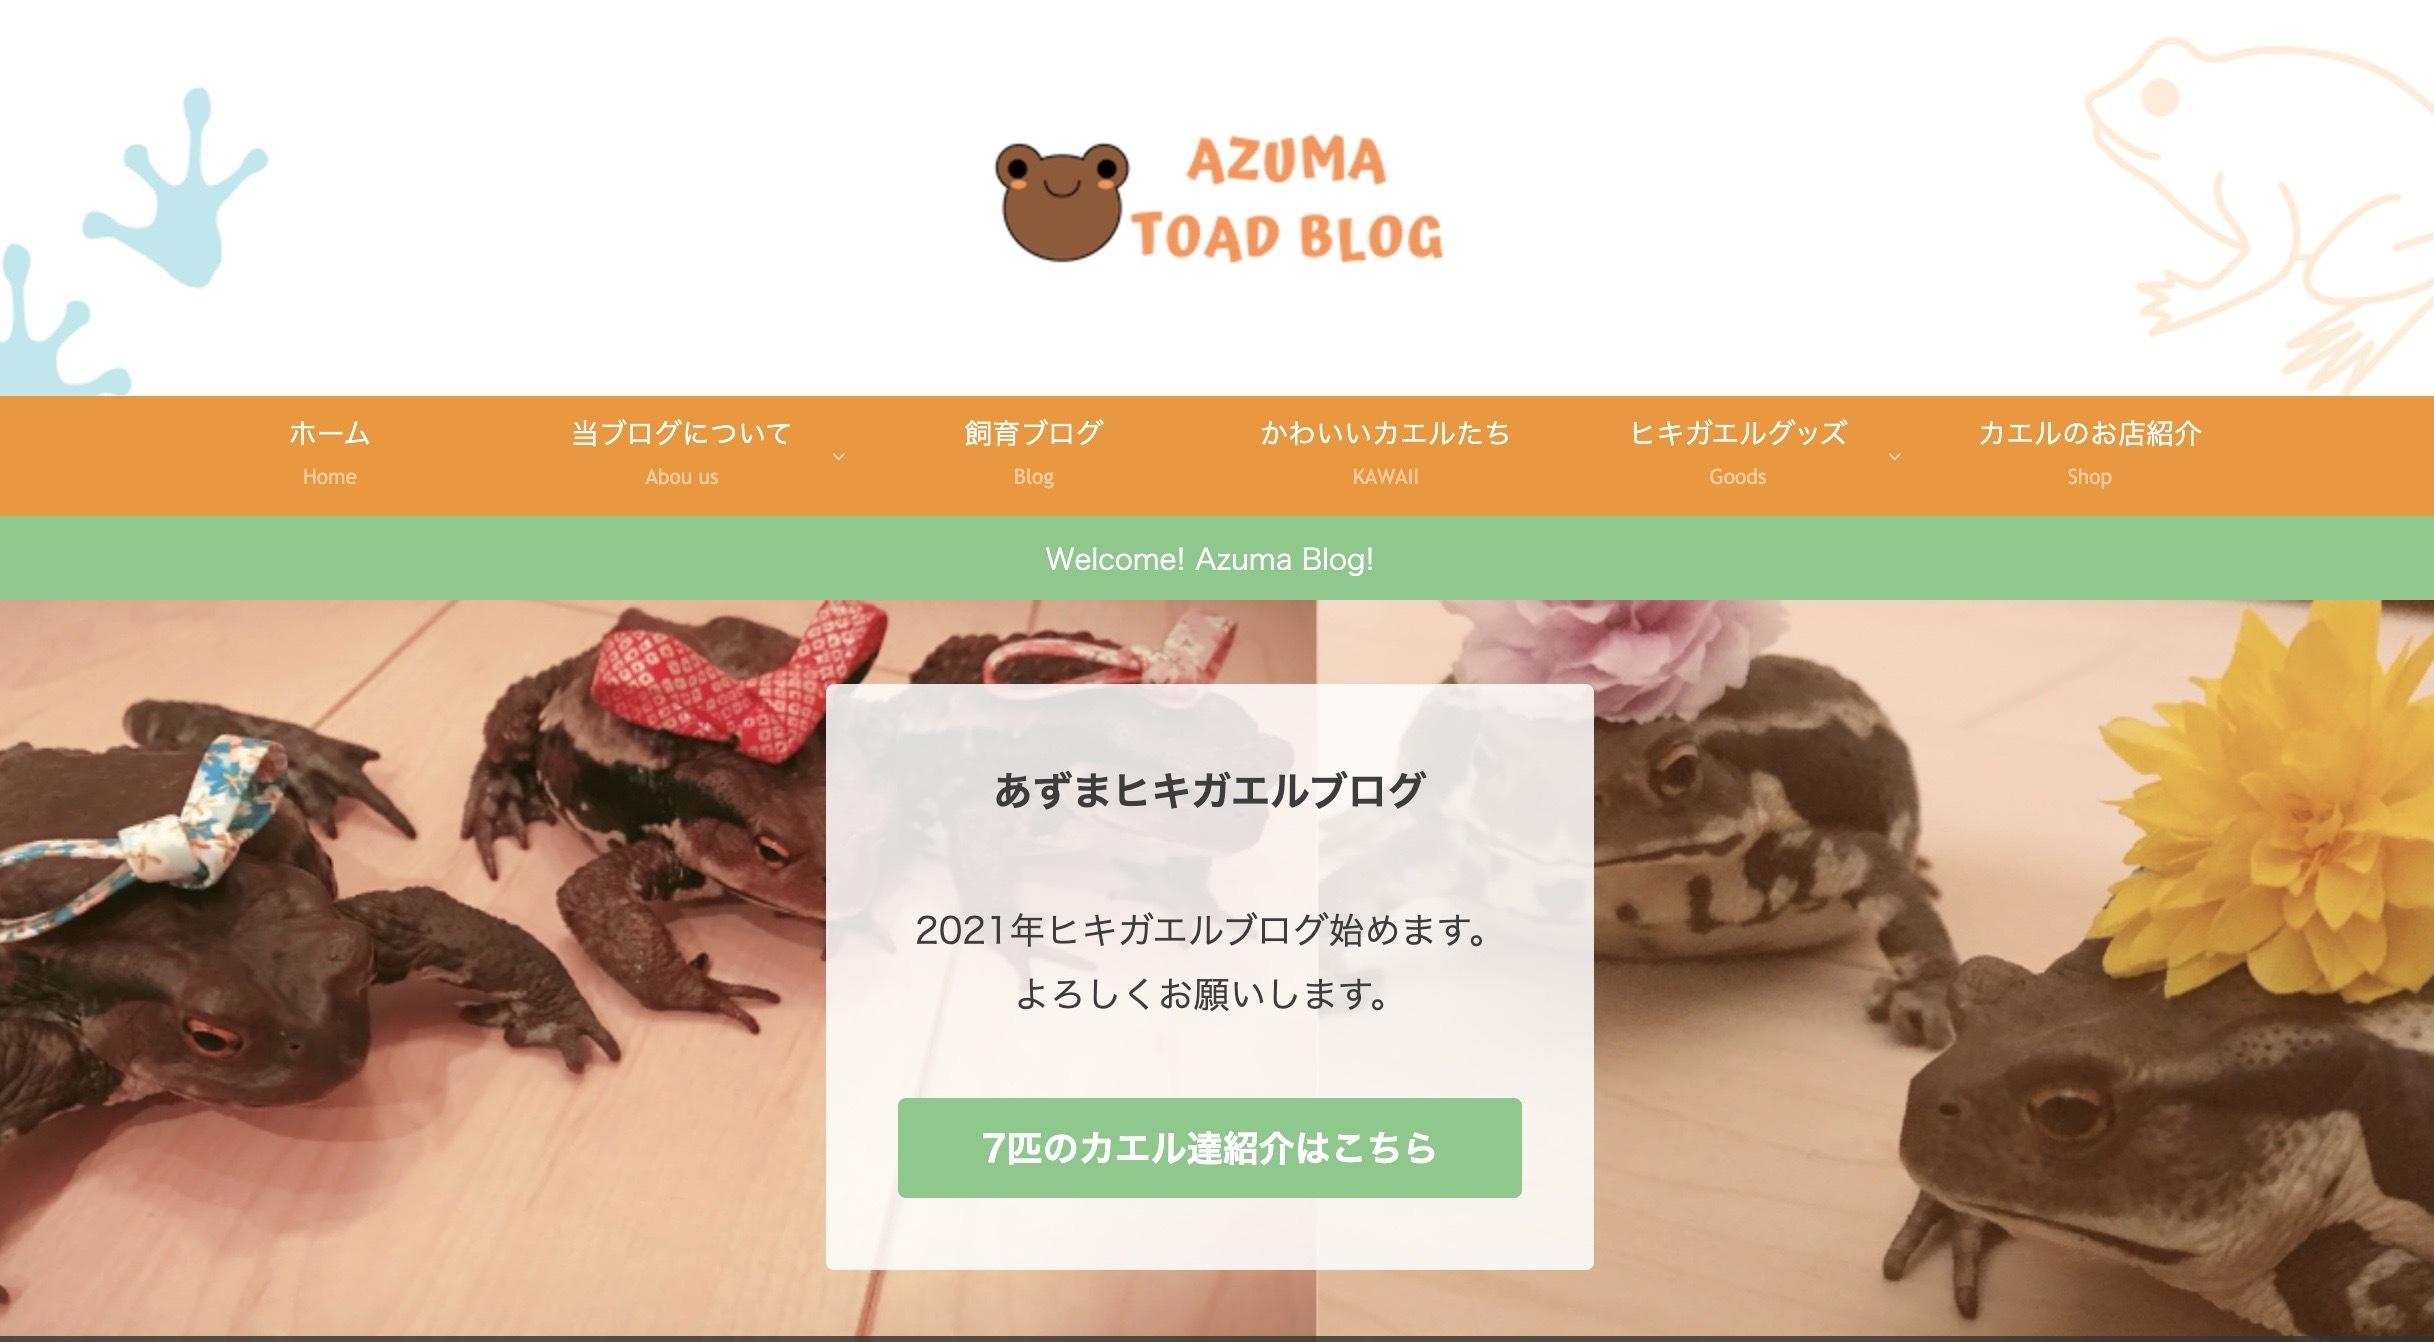 セミナーで飼い主バカブログ風のペットブログ作りました